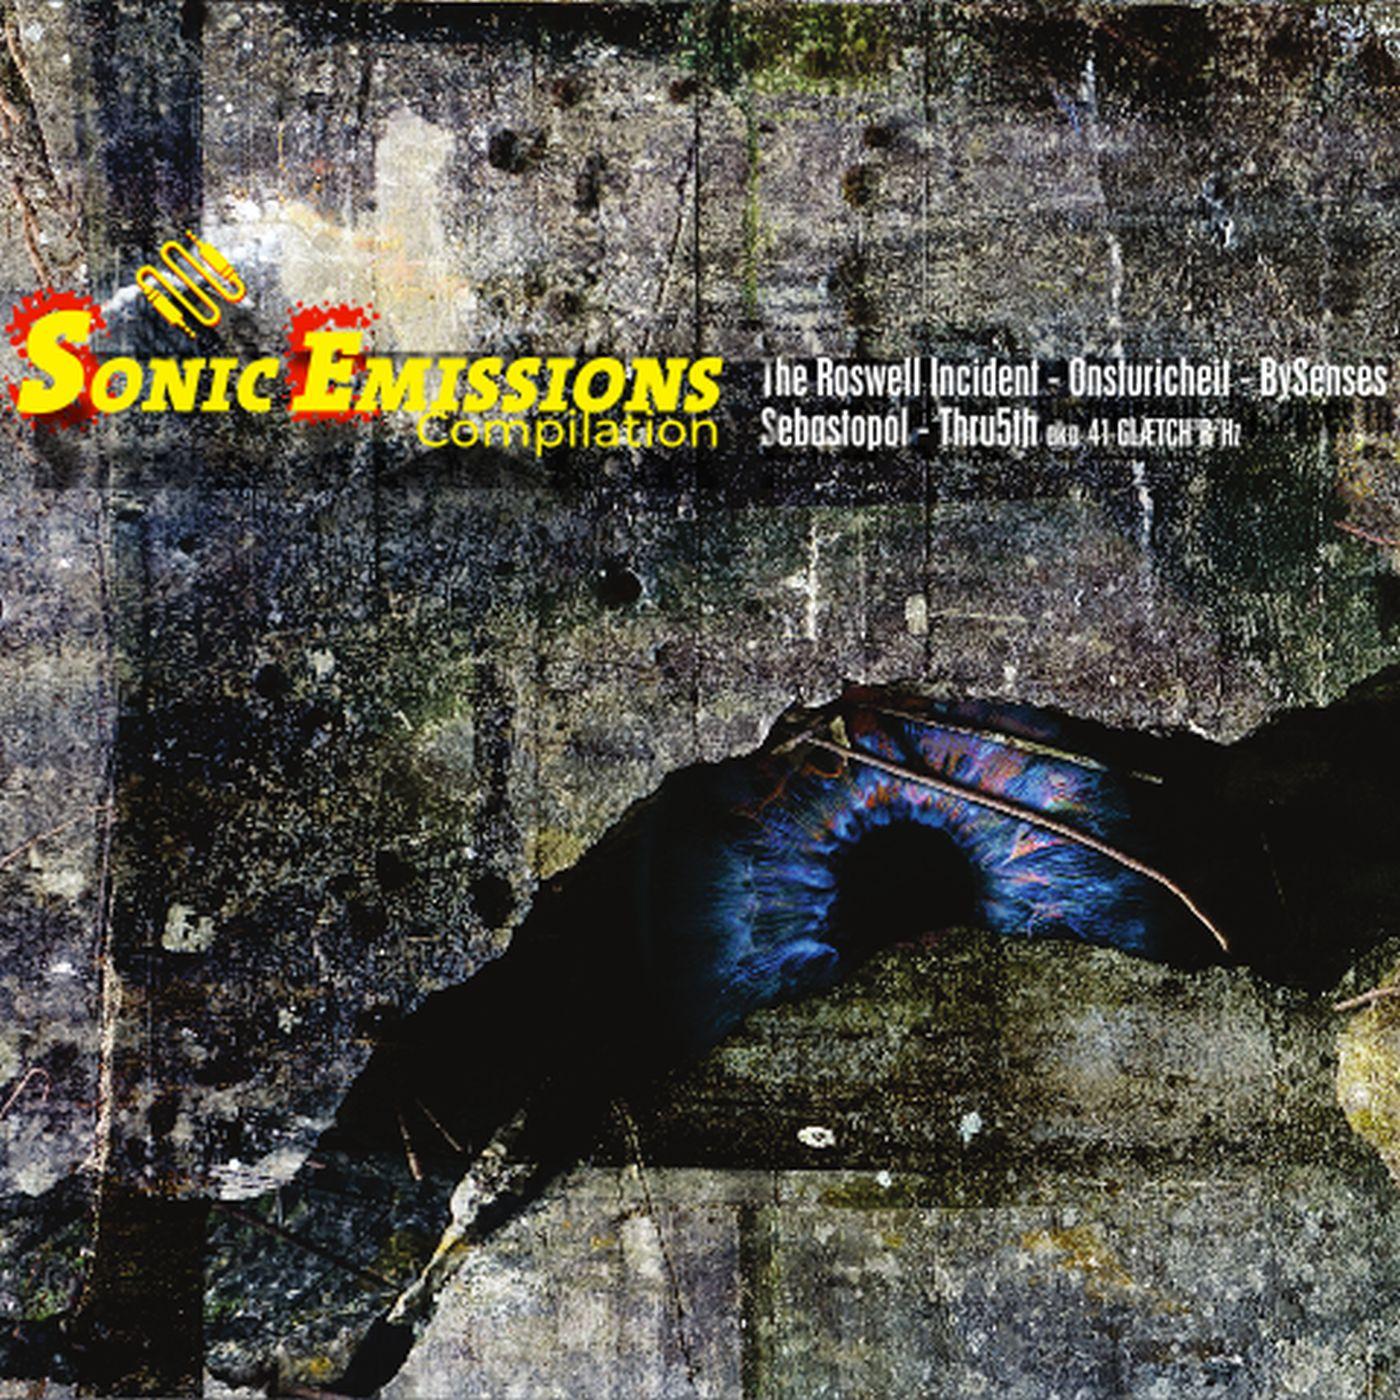 V/A – Sonic Emissions compilation